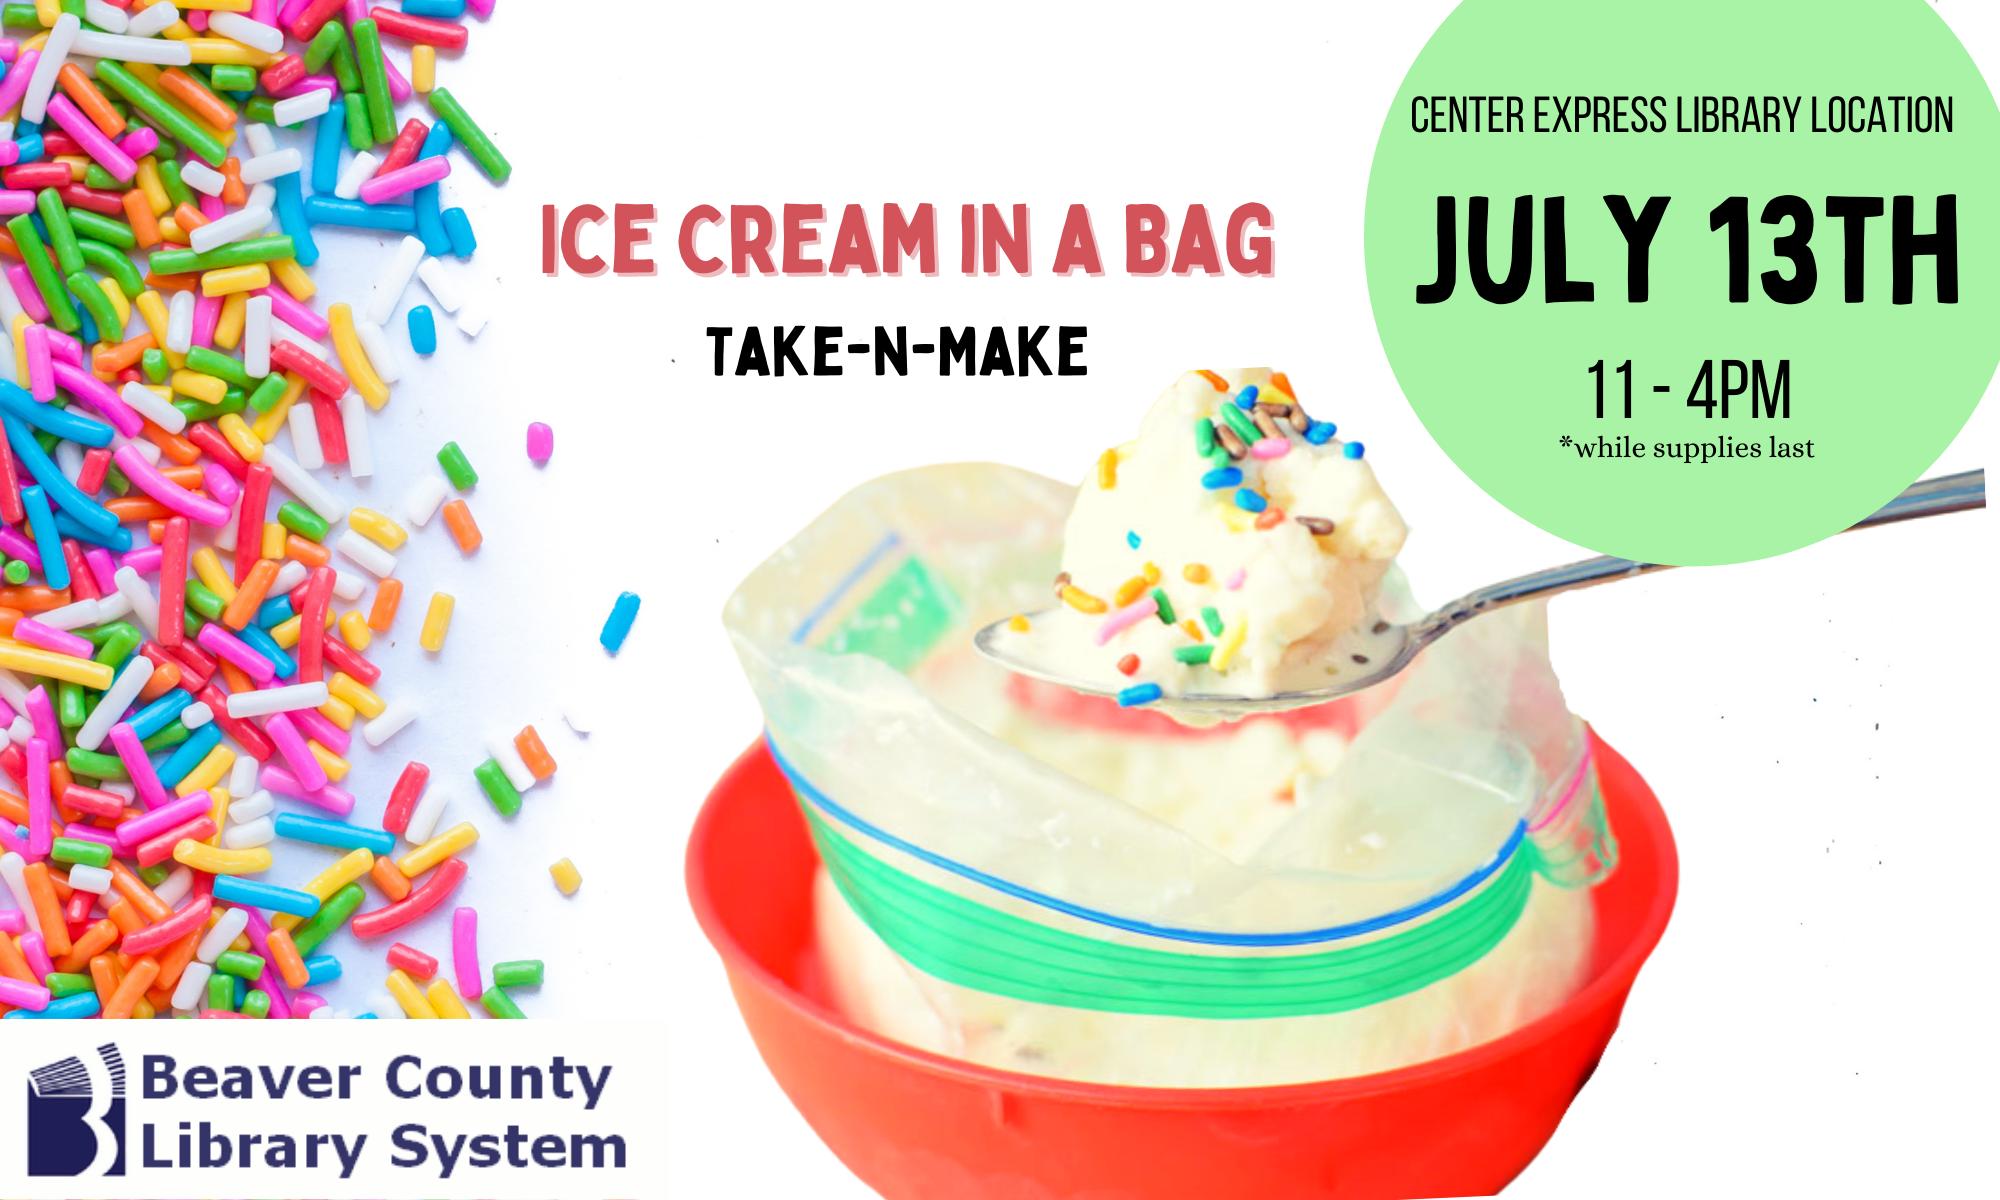 Take-n-Make Tuesday: Ice Cream in a Bag